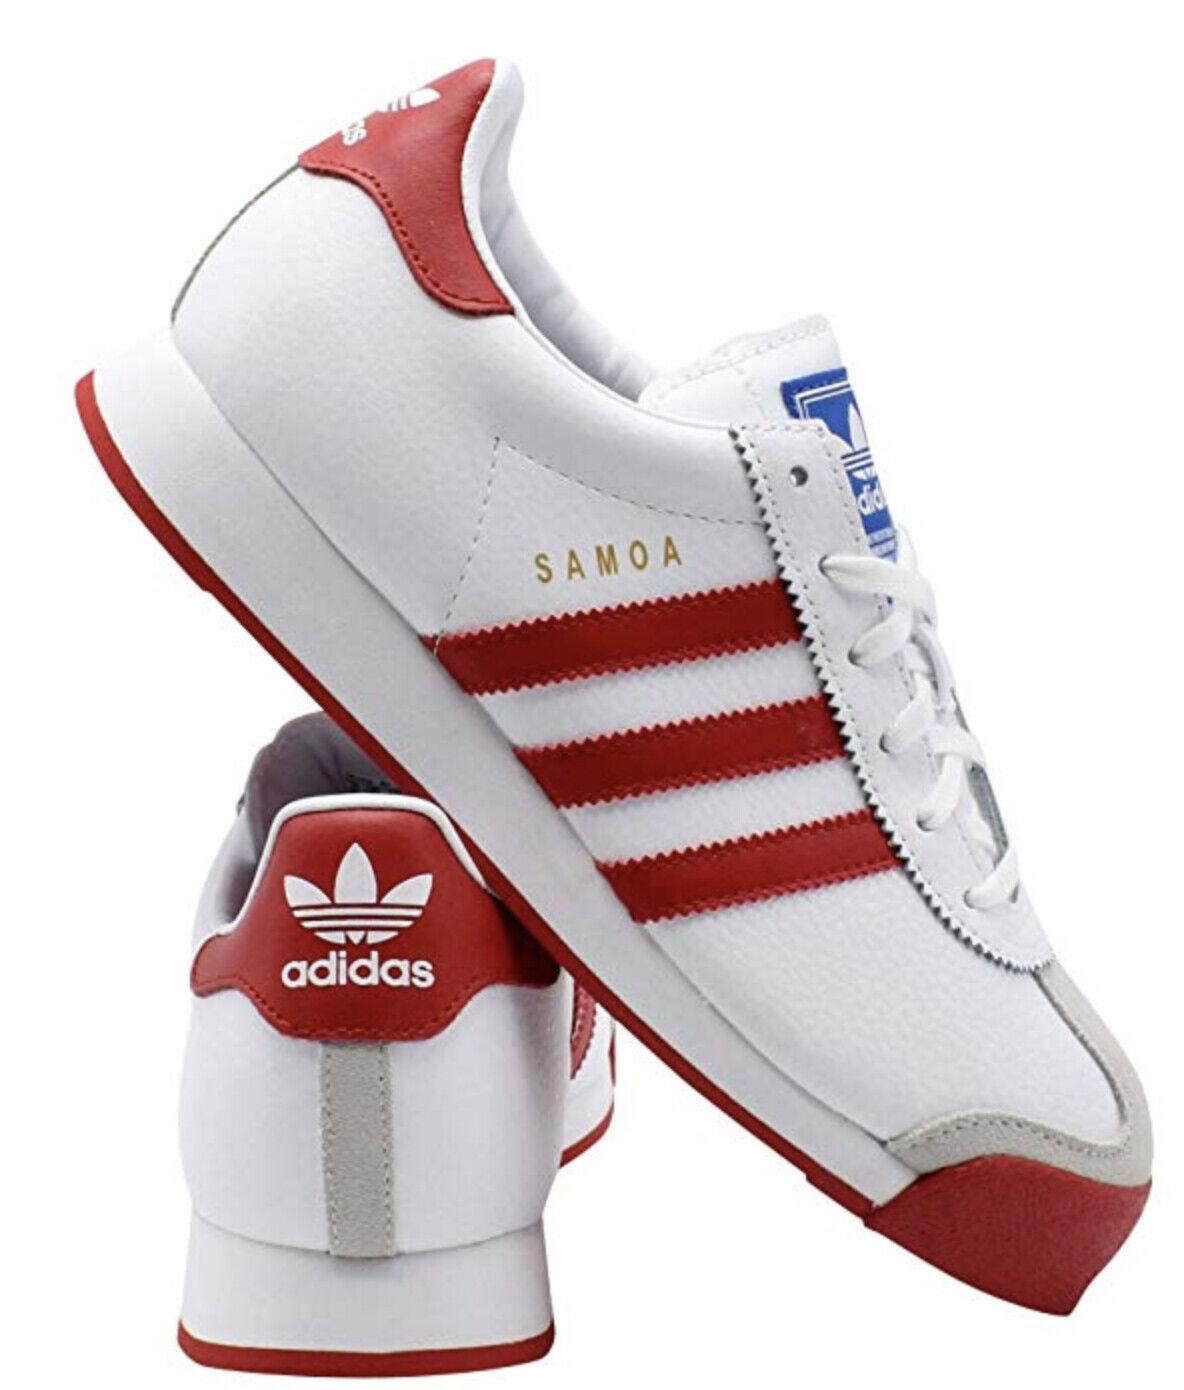 Neu Adidas Samoa Klassisch Athletic Turnschuhe Leder Herren Weiß Alle Größen